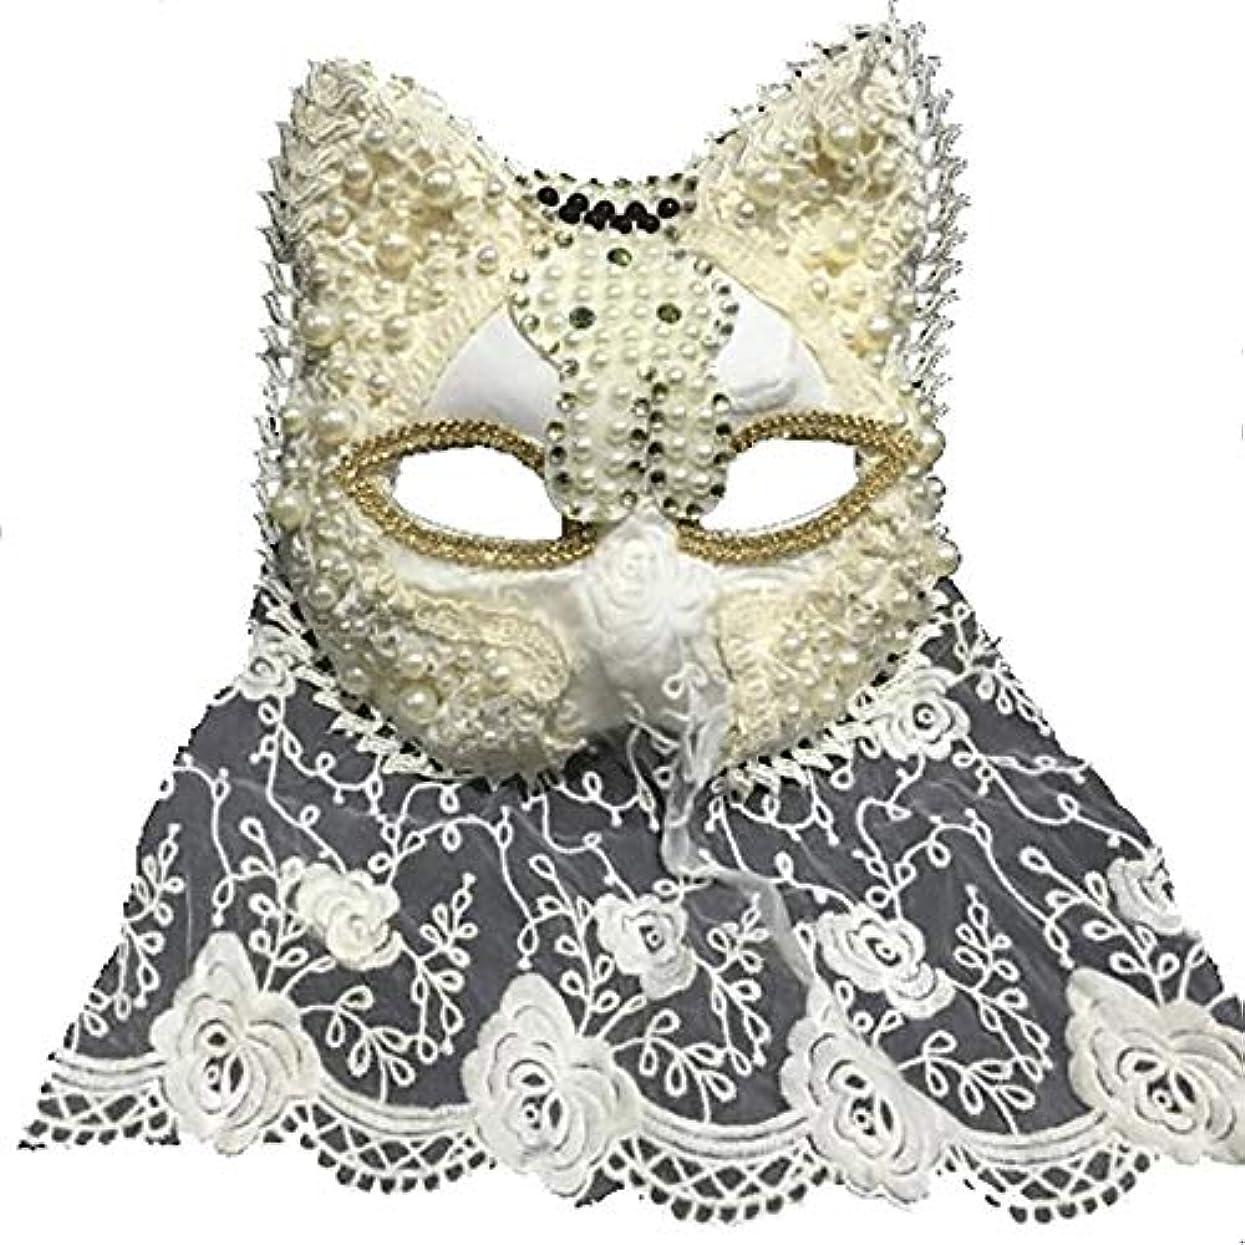 瞳香港どこにもNanle ハロウィーンクリスマスフリンジフェザーフラワークリスタルビーズマスク仮装マスクレディミスプリンセス美容祭パーティーデコレーションマスク (色 : Style F)